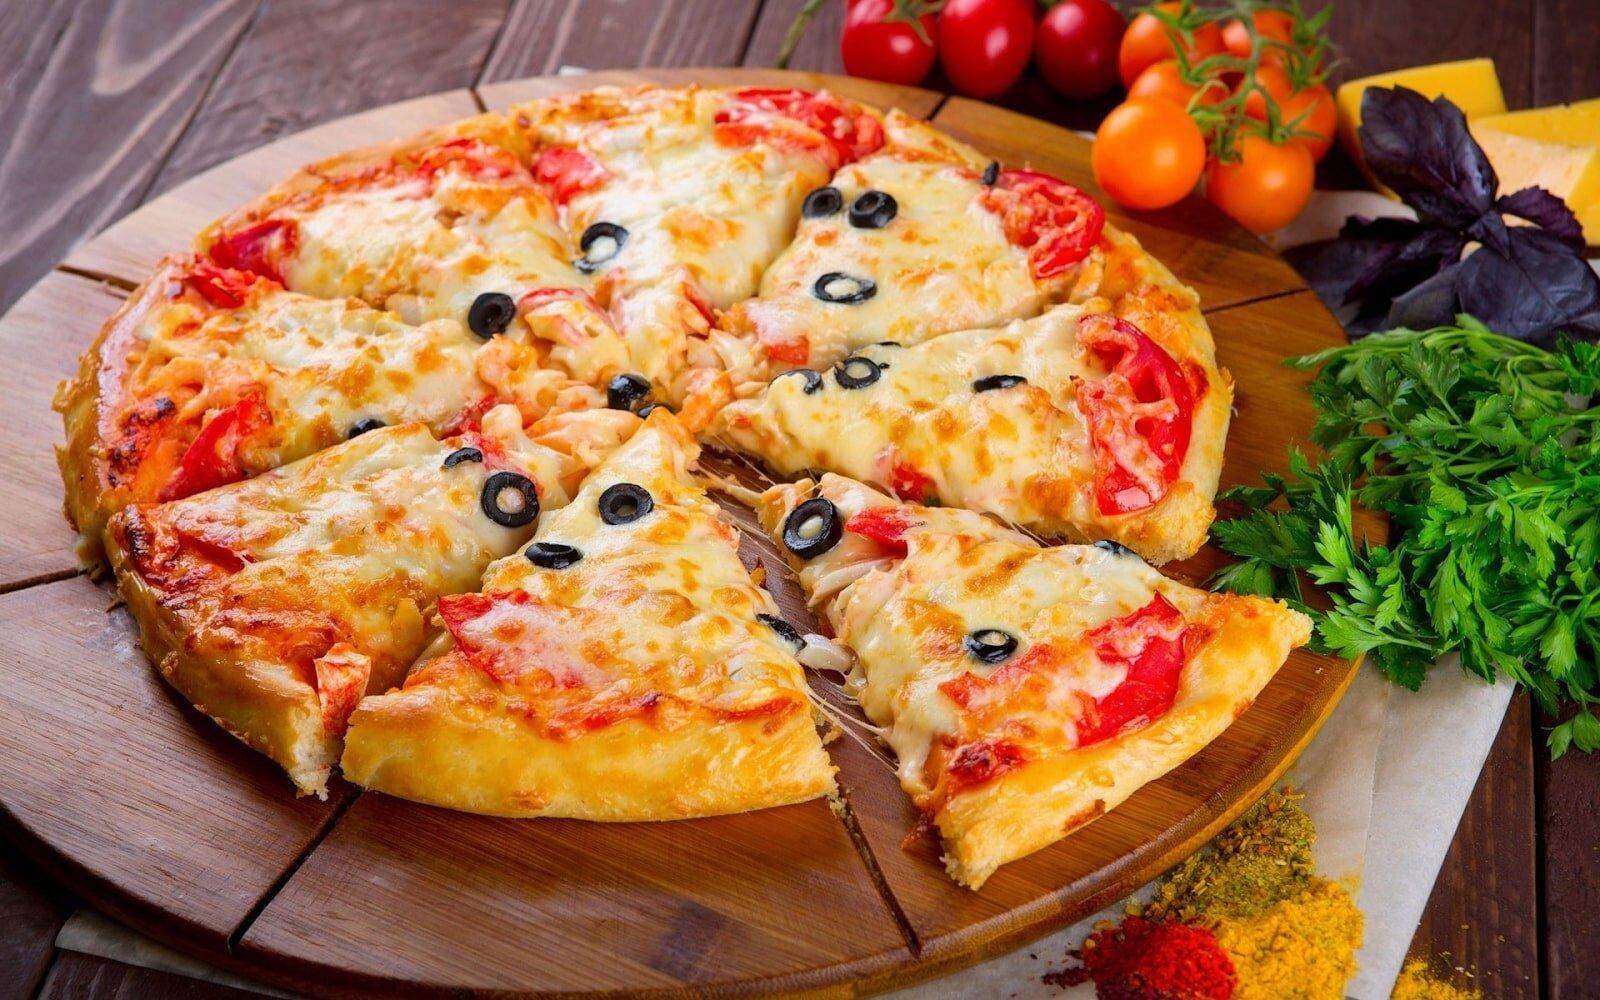 Bánh pizza dần trở thành món ăn ưa thích của nhiều gia đình Việt